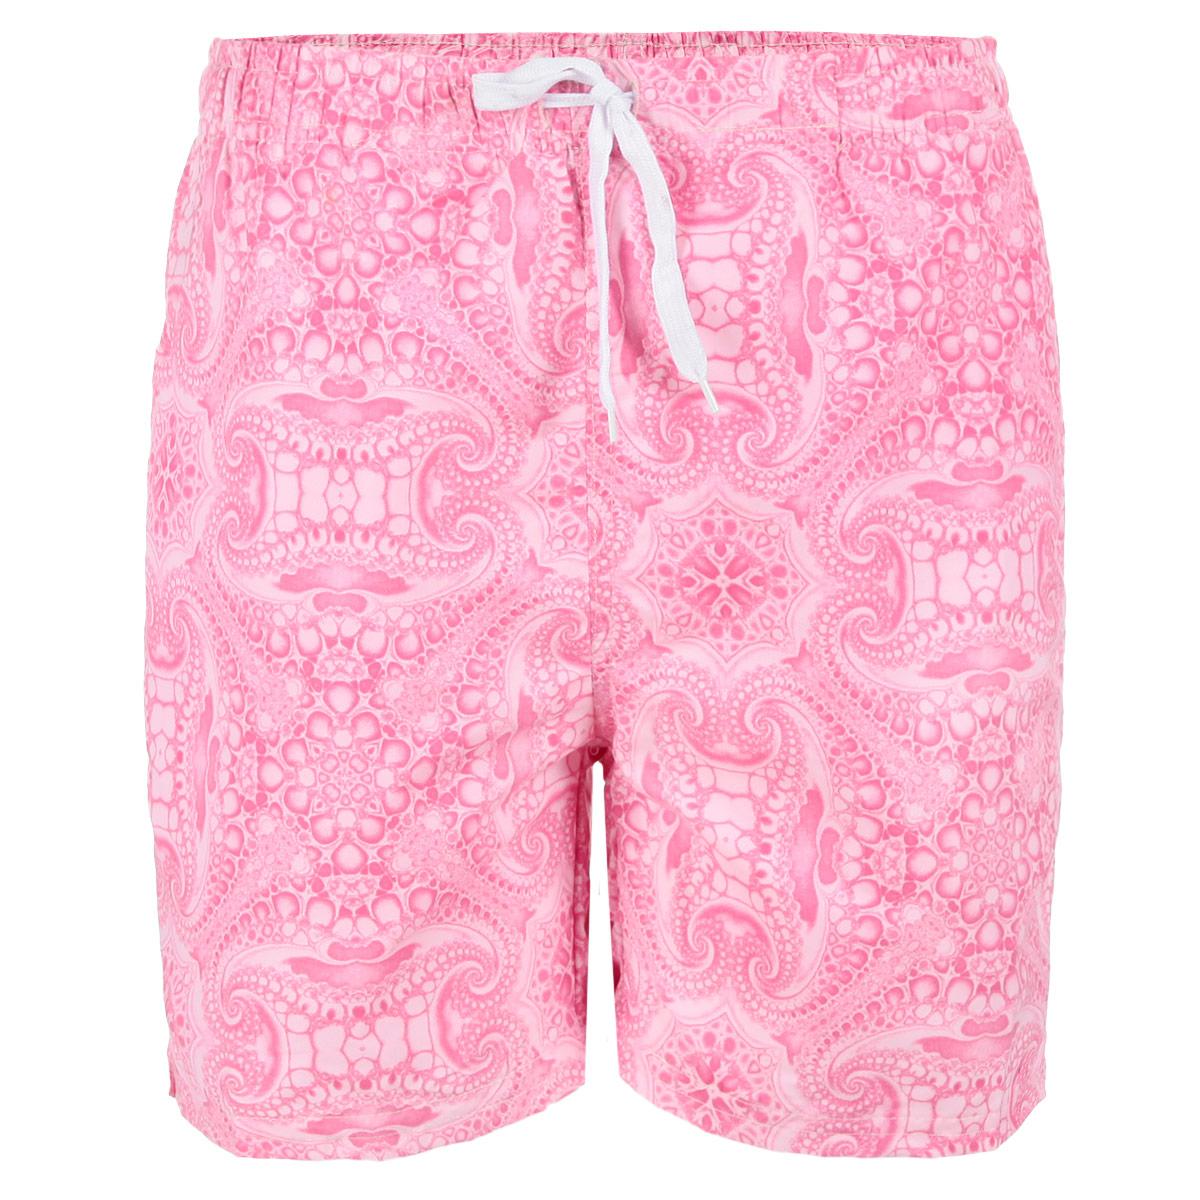 Шорты мужские MybeachMybeach/BLUEМужские шорты MeZaGuZ с вшитыми сетчатыми трусами, изготовленные из водоотталкивающей ткани, предназначены для отдыха на пляже, купания, загорания и подвижных игр. Пояс с эластичной резинкой дополнительно фиксируется на затягивающийся шнурок. Шорты снабжены двумя прорезными карманами по бокам и одним накладным карманом сзади. По бокам изделие оформлено небольшими разрезами. Такие шорты, несомненно, вам понравятся и послужат отличным дополнением к вашему гардеробу.